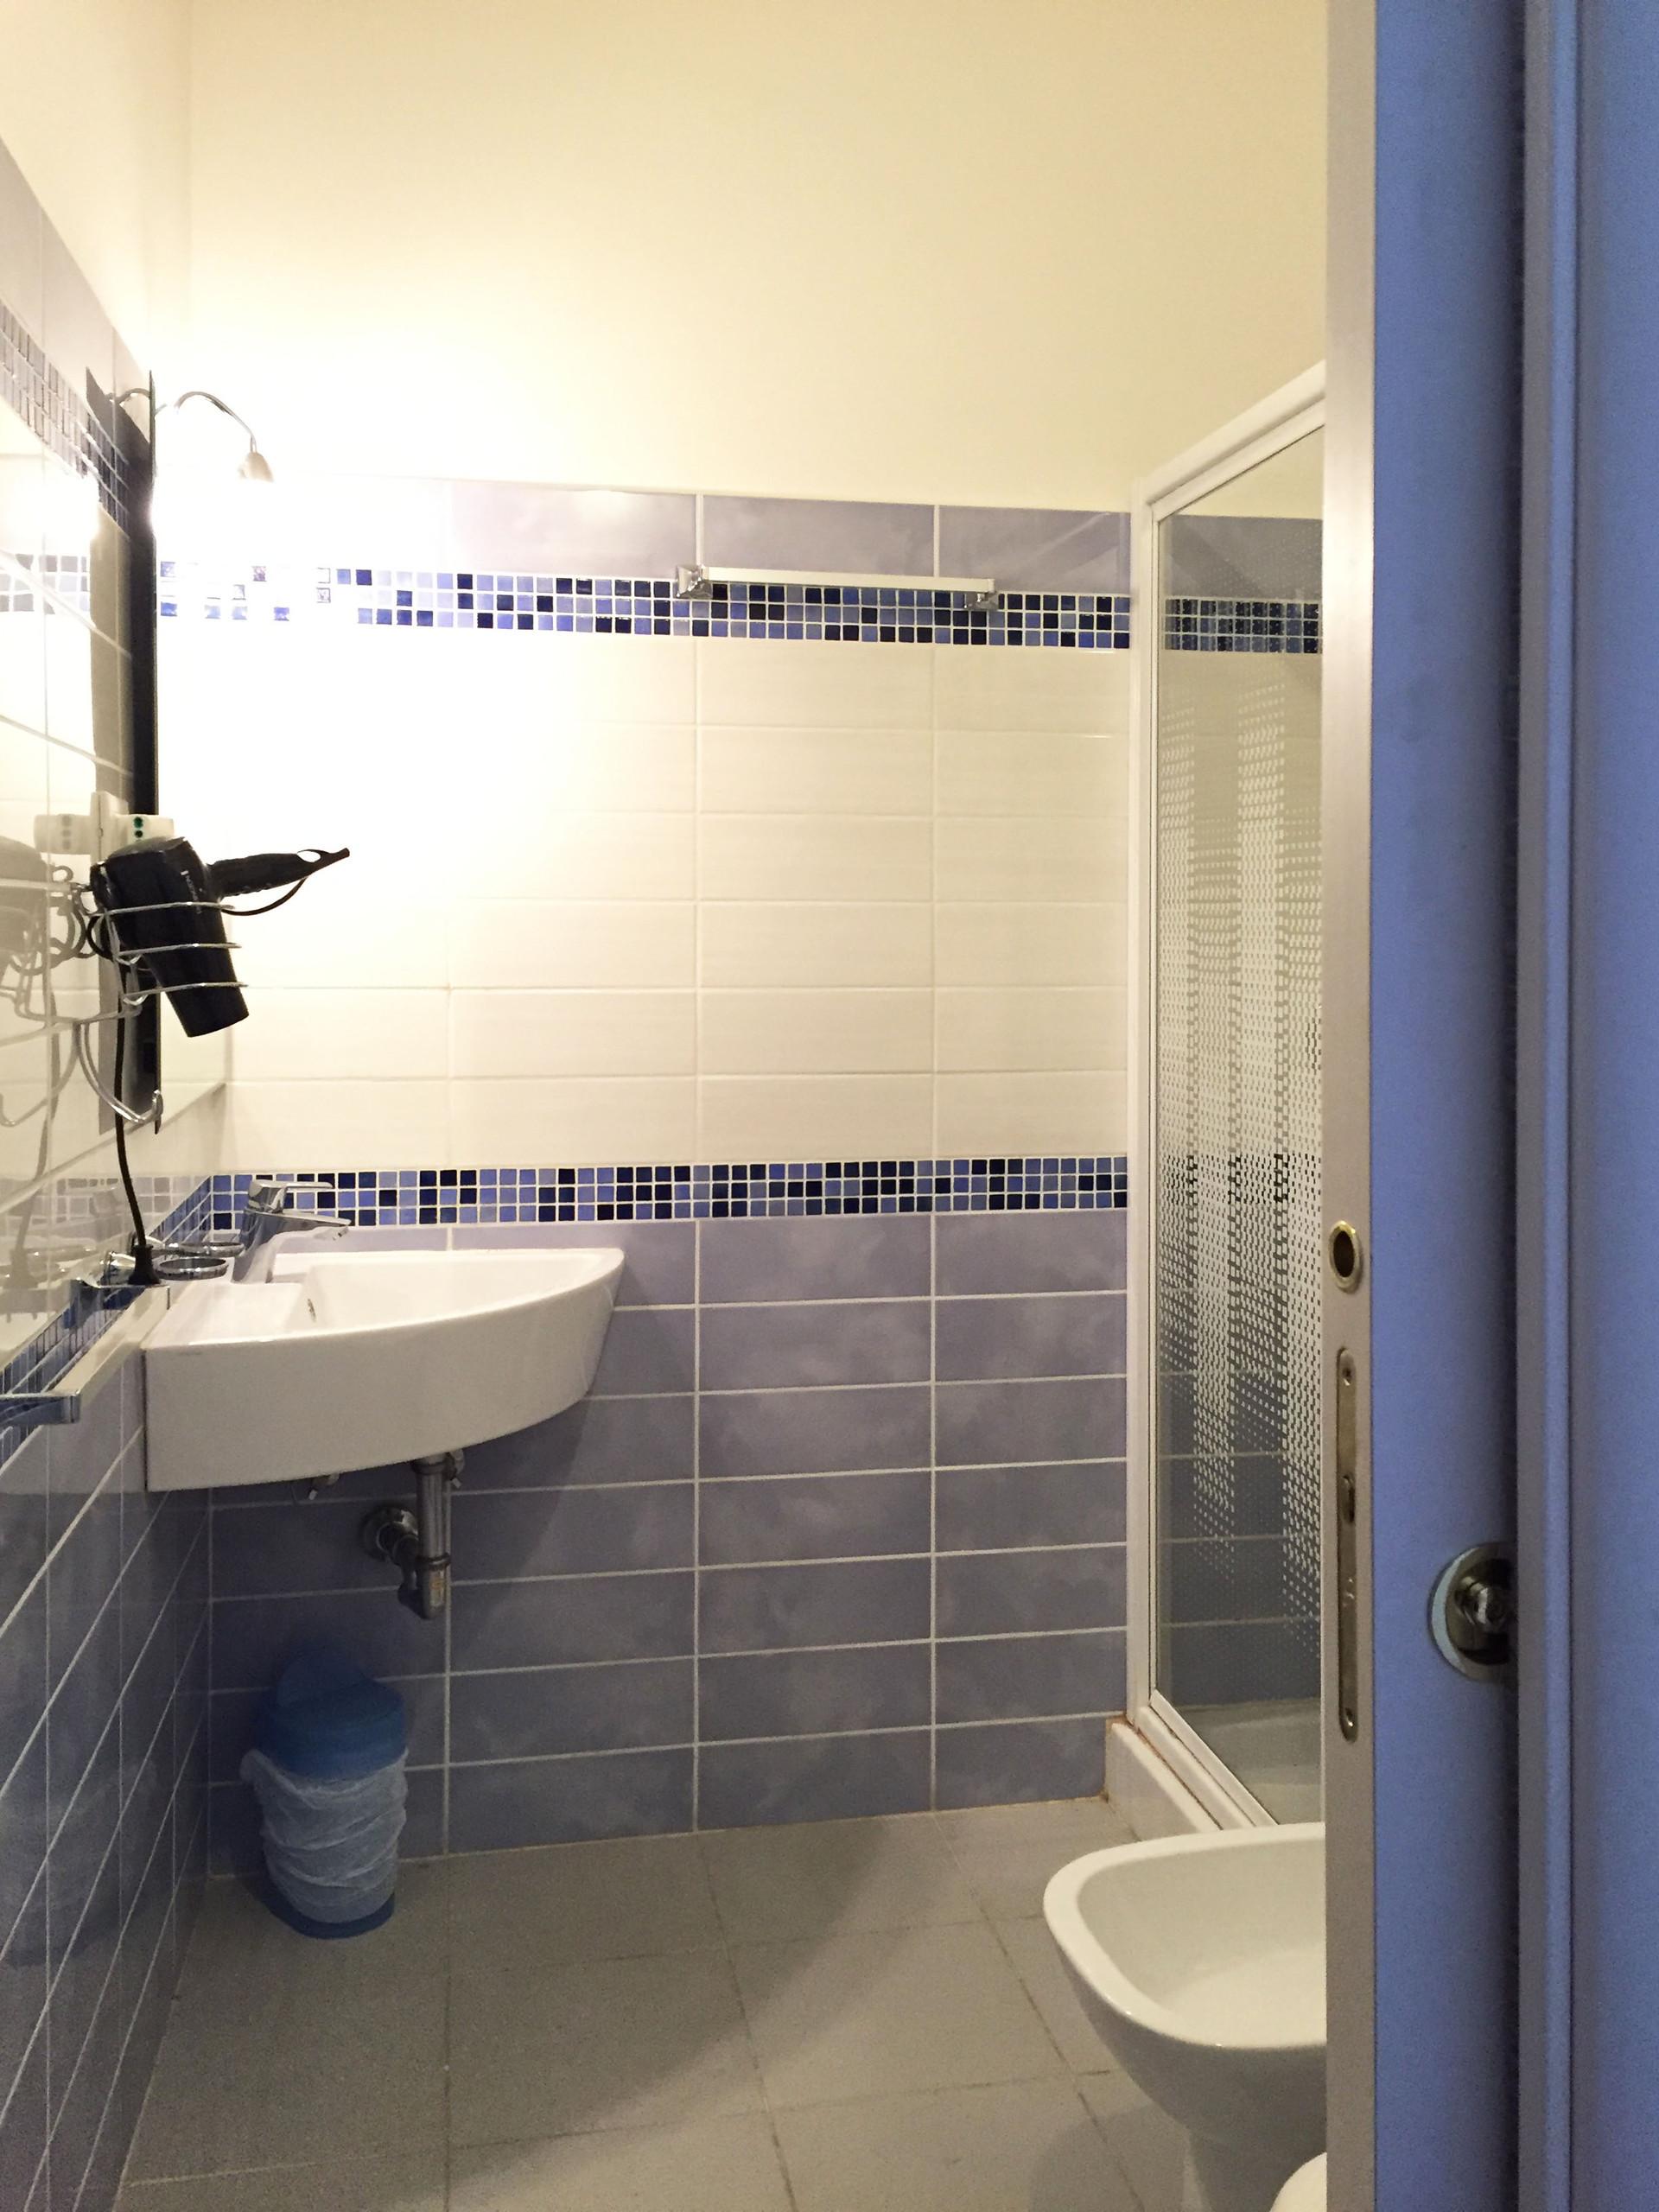 Camera stupende con bagno privato anche coppie stanze in affitto roma - Stanza con bagno privato roma ...